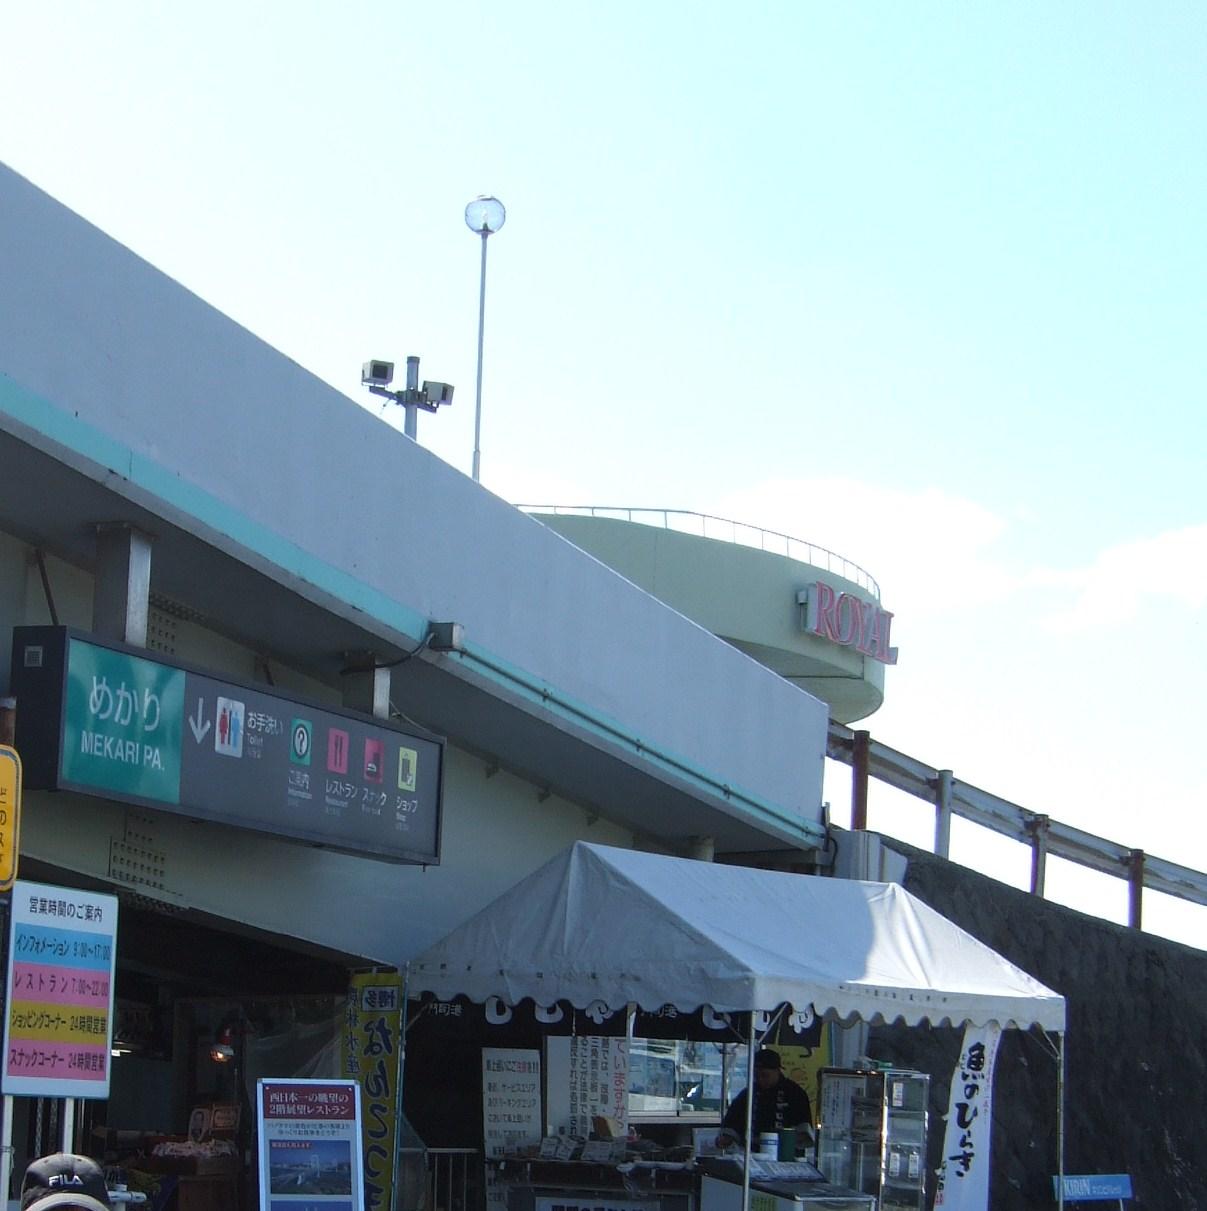 めかりパーキングエリア(上り線)スナックコーナー